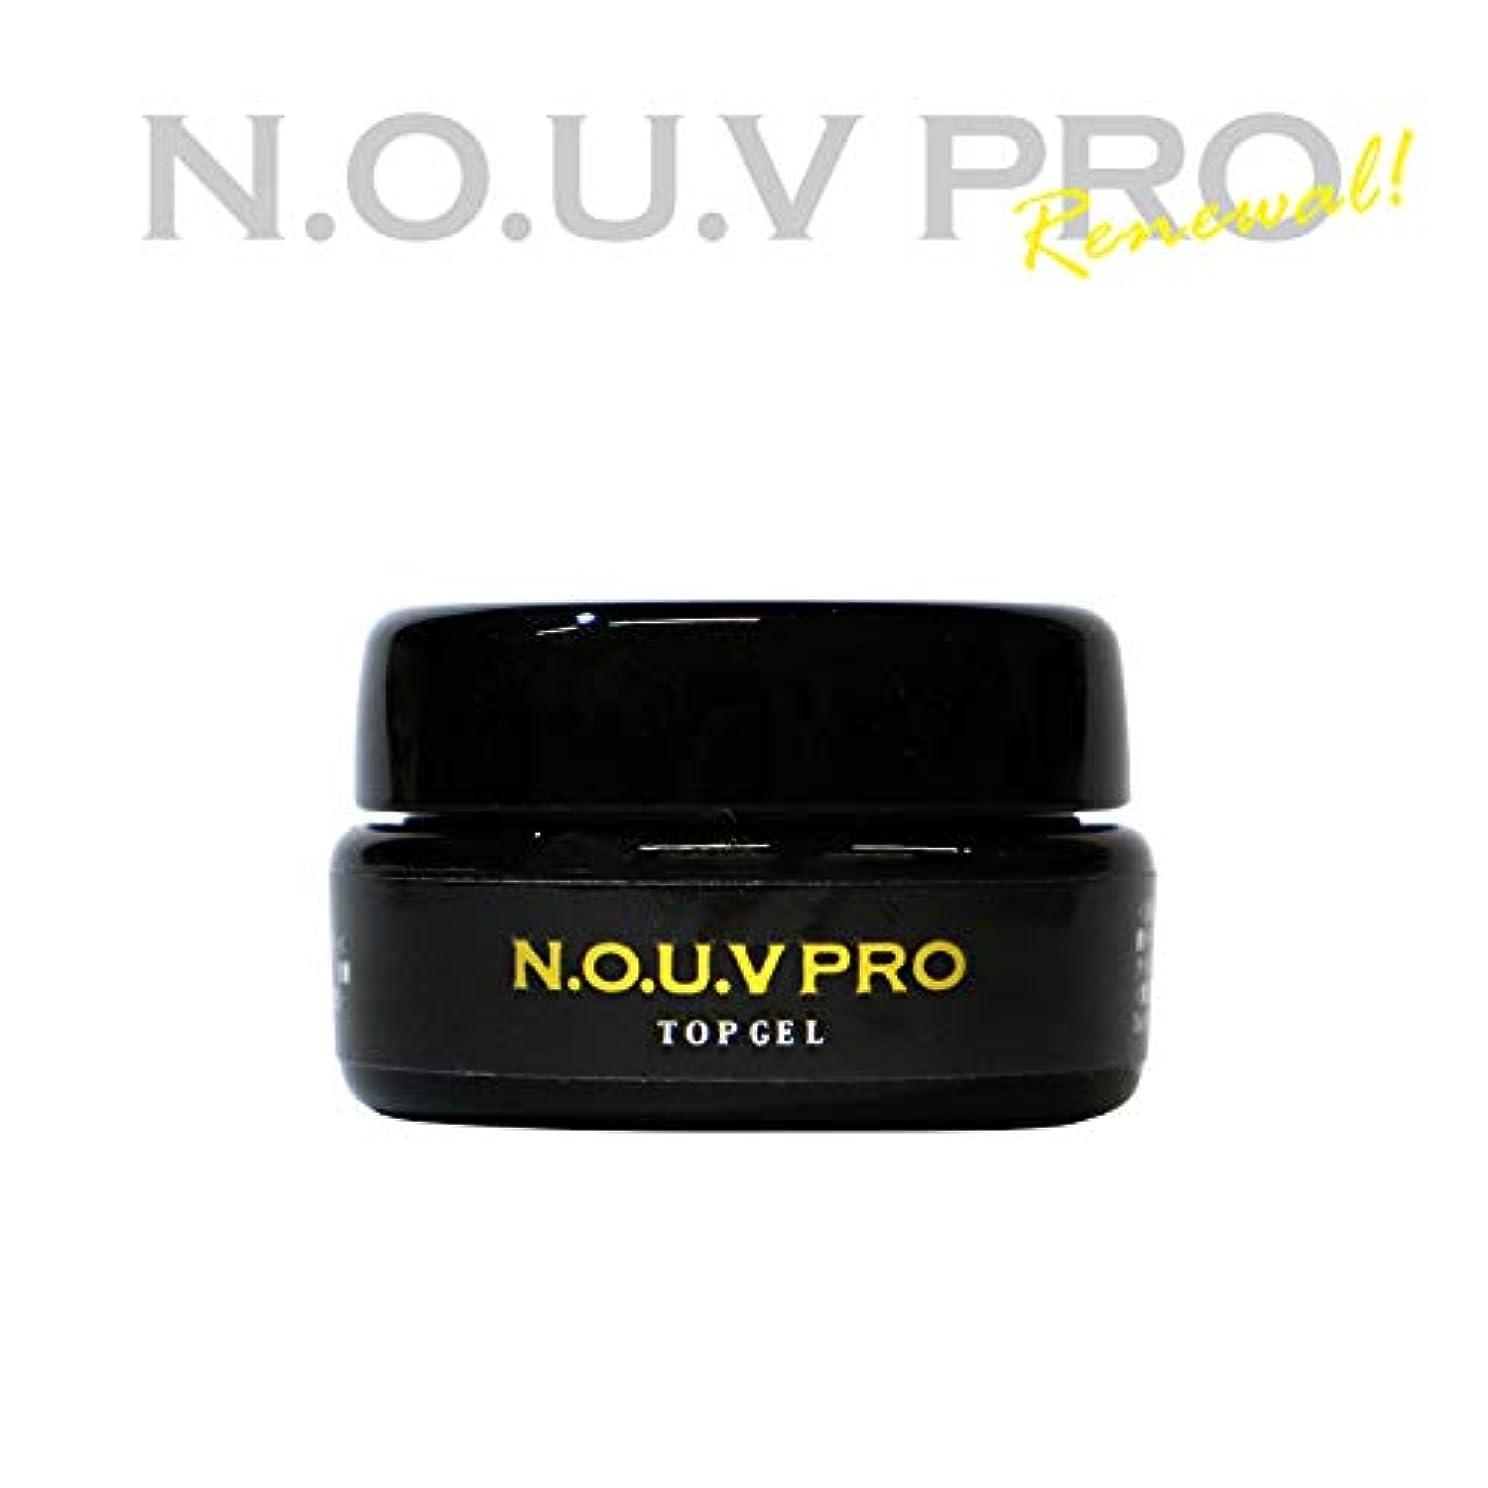 リゾート疑問に思う前任者NOUV Pro ノーヴプロ ジェルネイル ノンワイプクリアトップジェル 4g